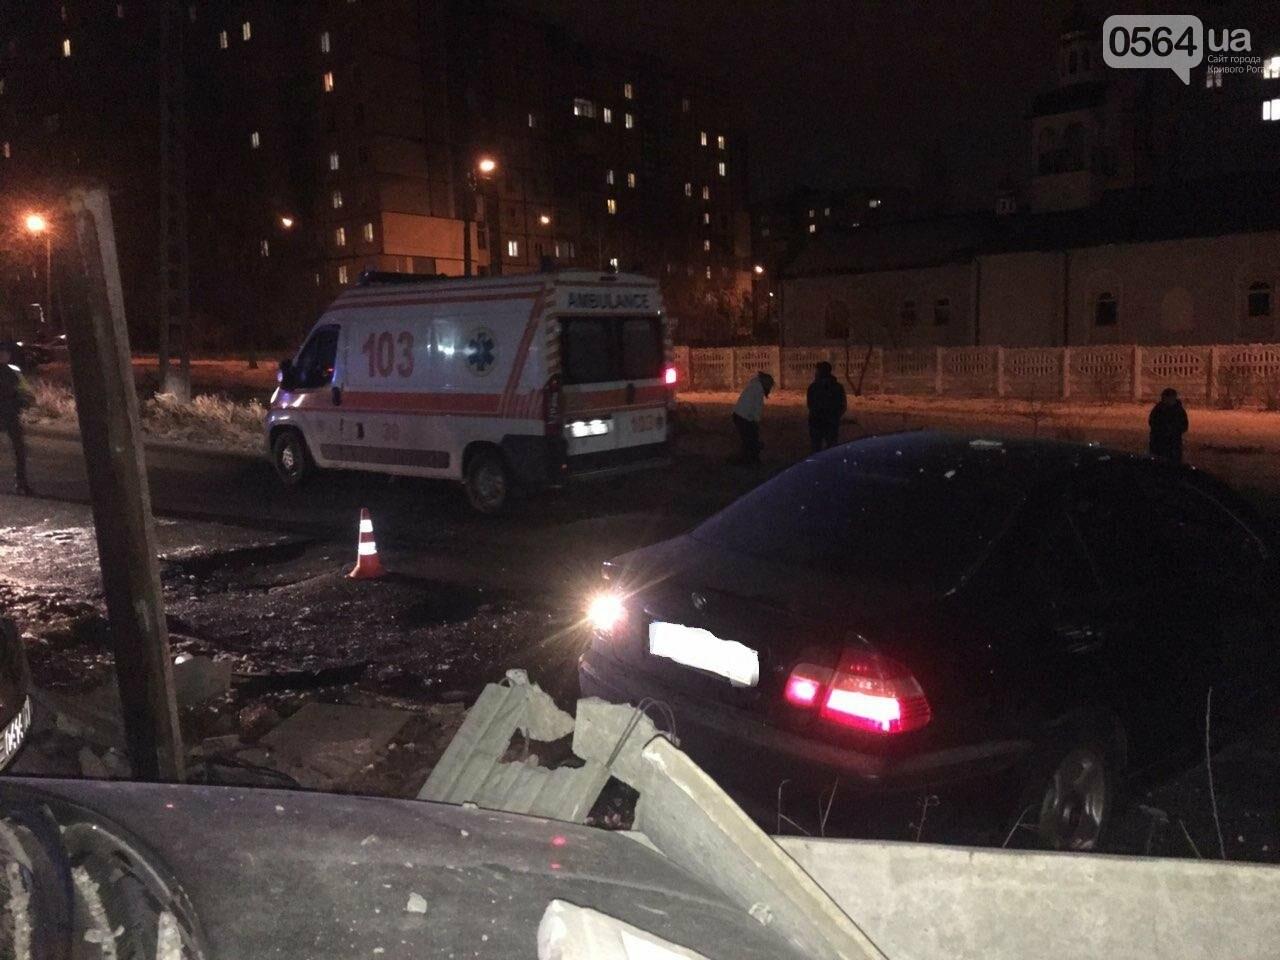 """В Кривом Роге """"BMW"""" снес забор стоянки: повреждено около 10 машин, есть пострадавший, - ФОТО , фото-9"""